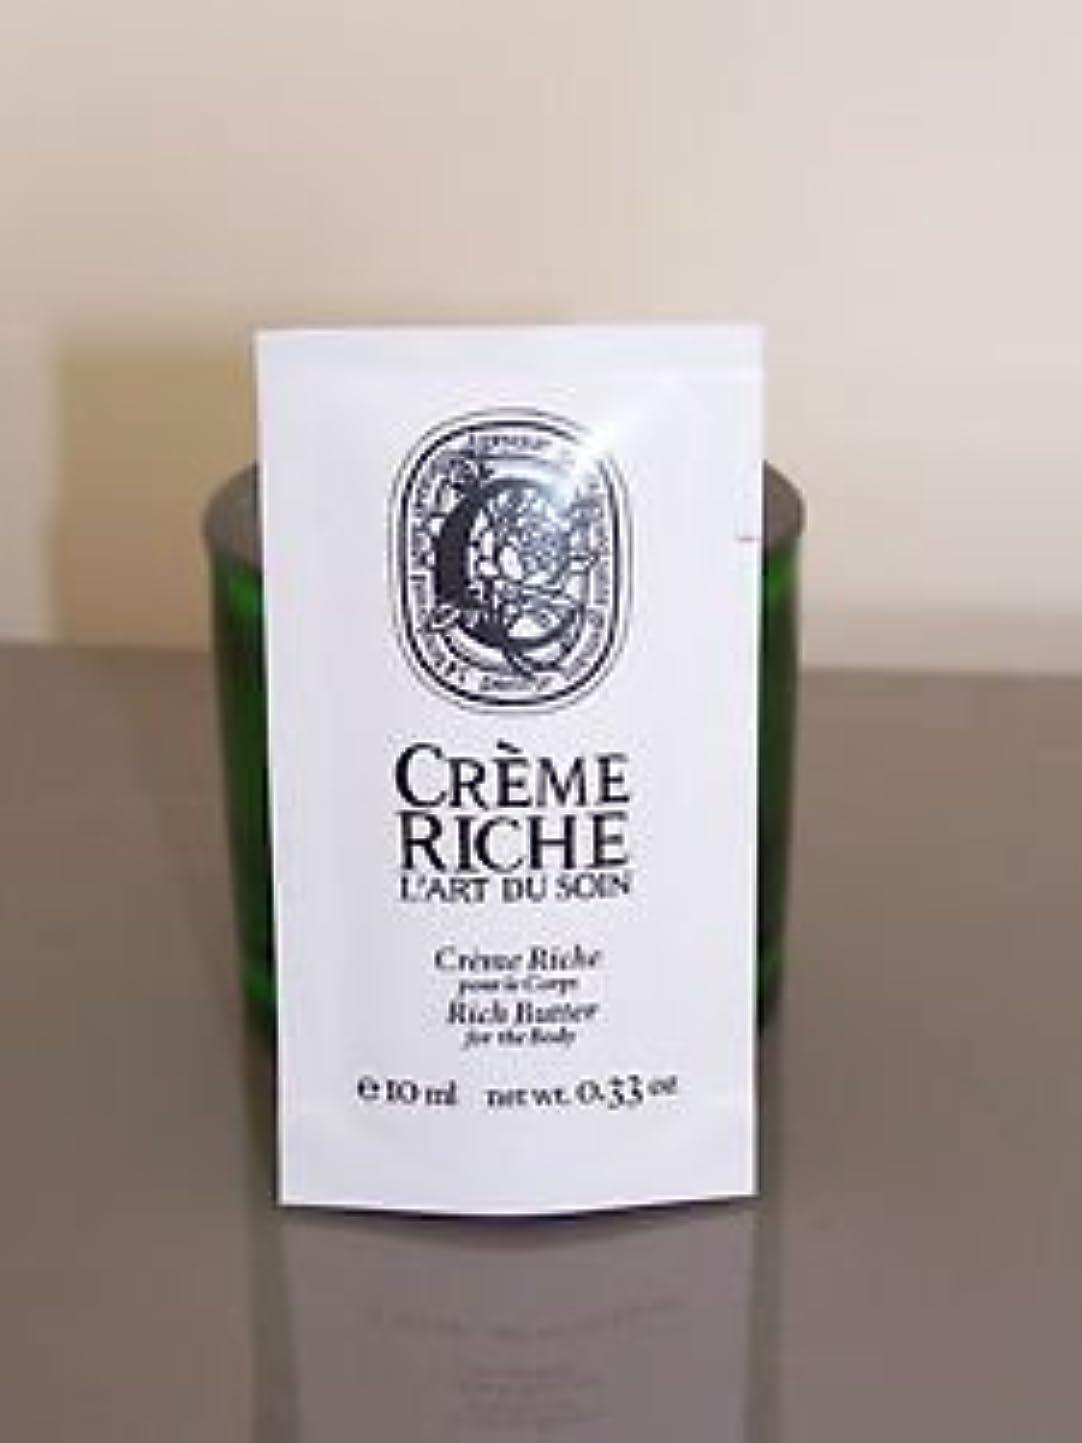 不適衛星次Diptyque Creme Riche (ディプティック クレーム リッチ) 0.33 oz (10ml) ボディーバター (ボディークリーム) サンプル for Women